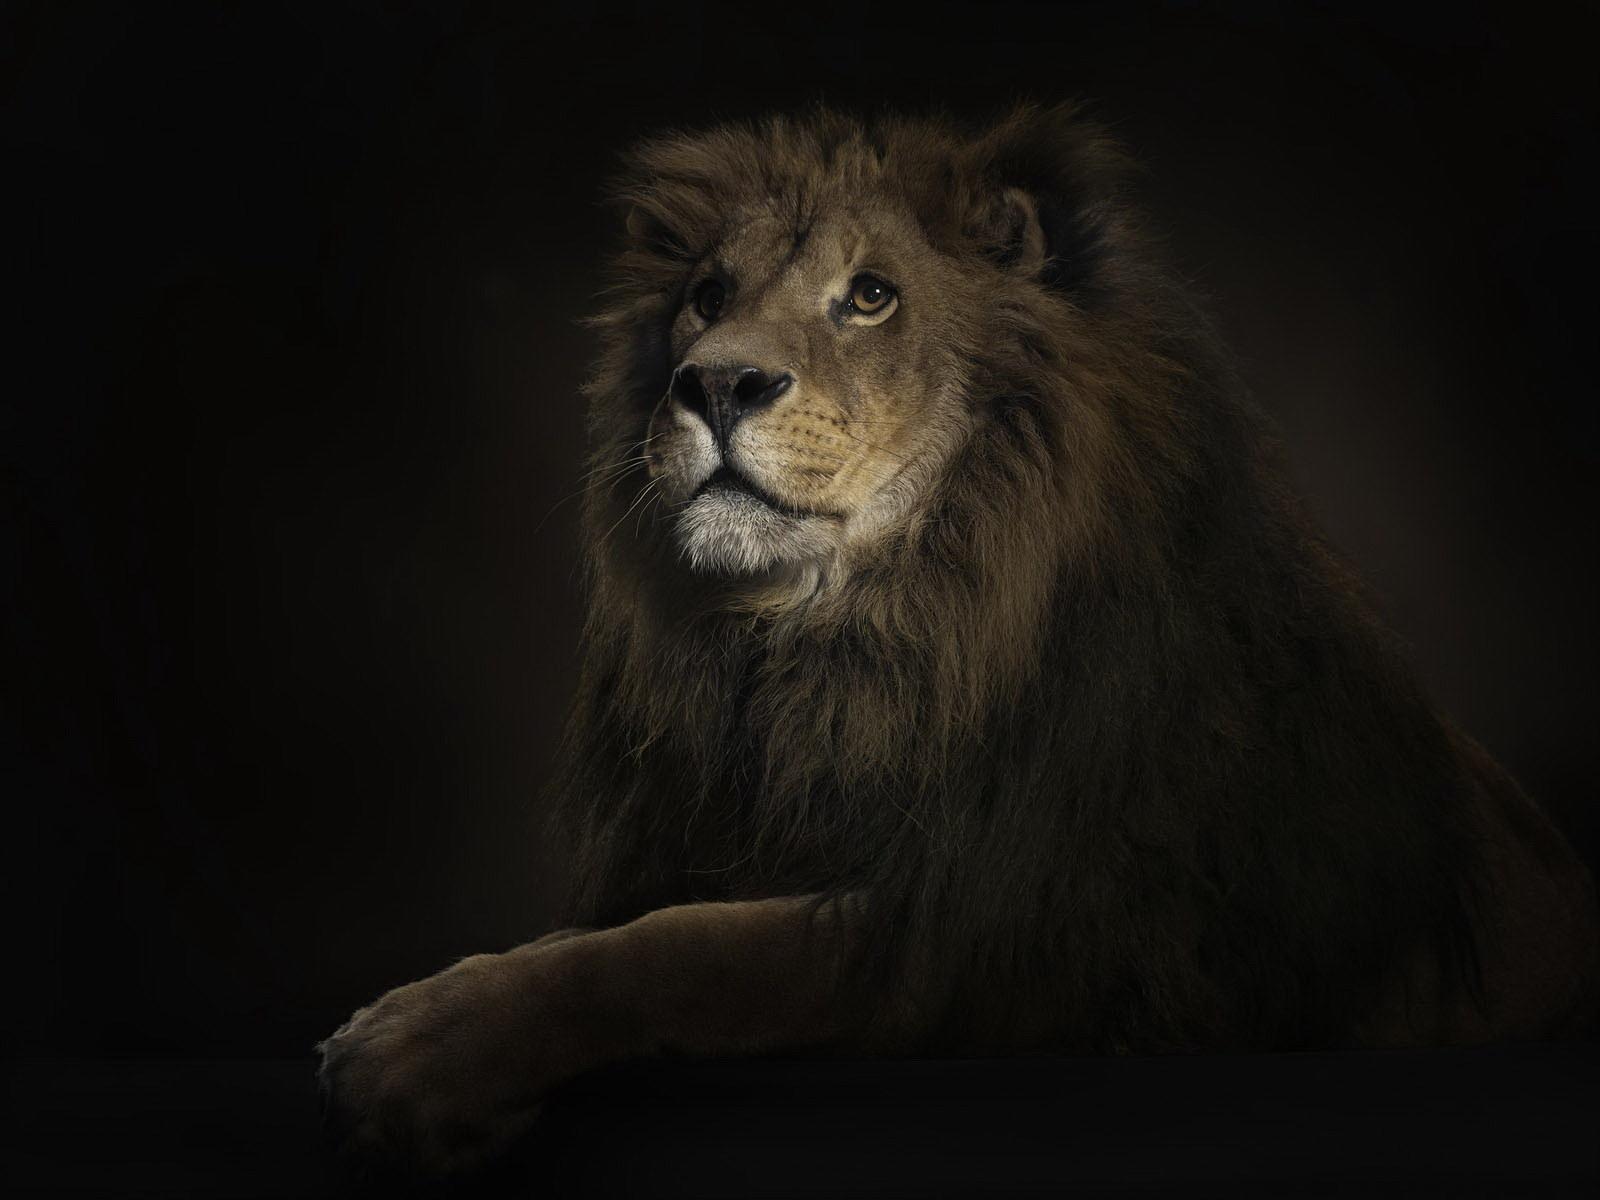 11322 Hintergrundbild herunterladen Tiere, Fotokunst, Lions - Bildschirmschoner und Bilder kostenlos